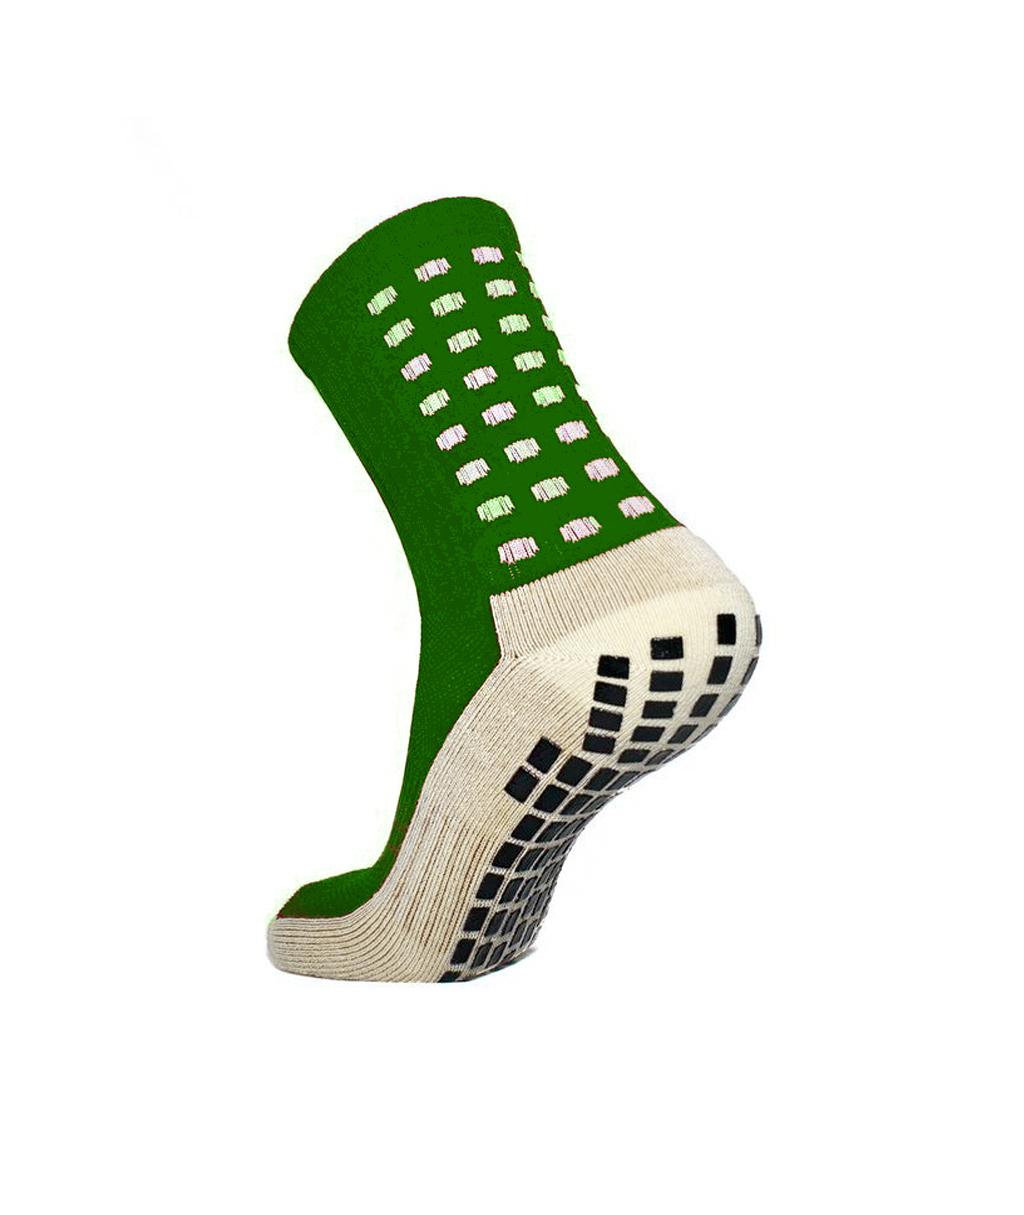 Купить зелёные футбольные носки – противоскользящие, аналог trusox в интернет-магазине